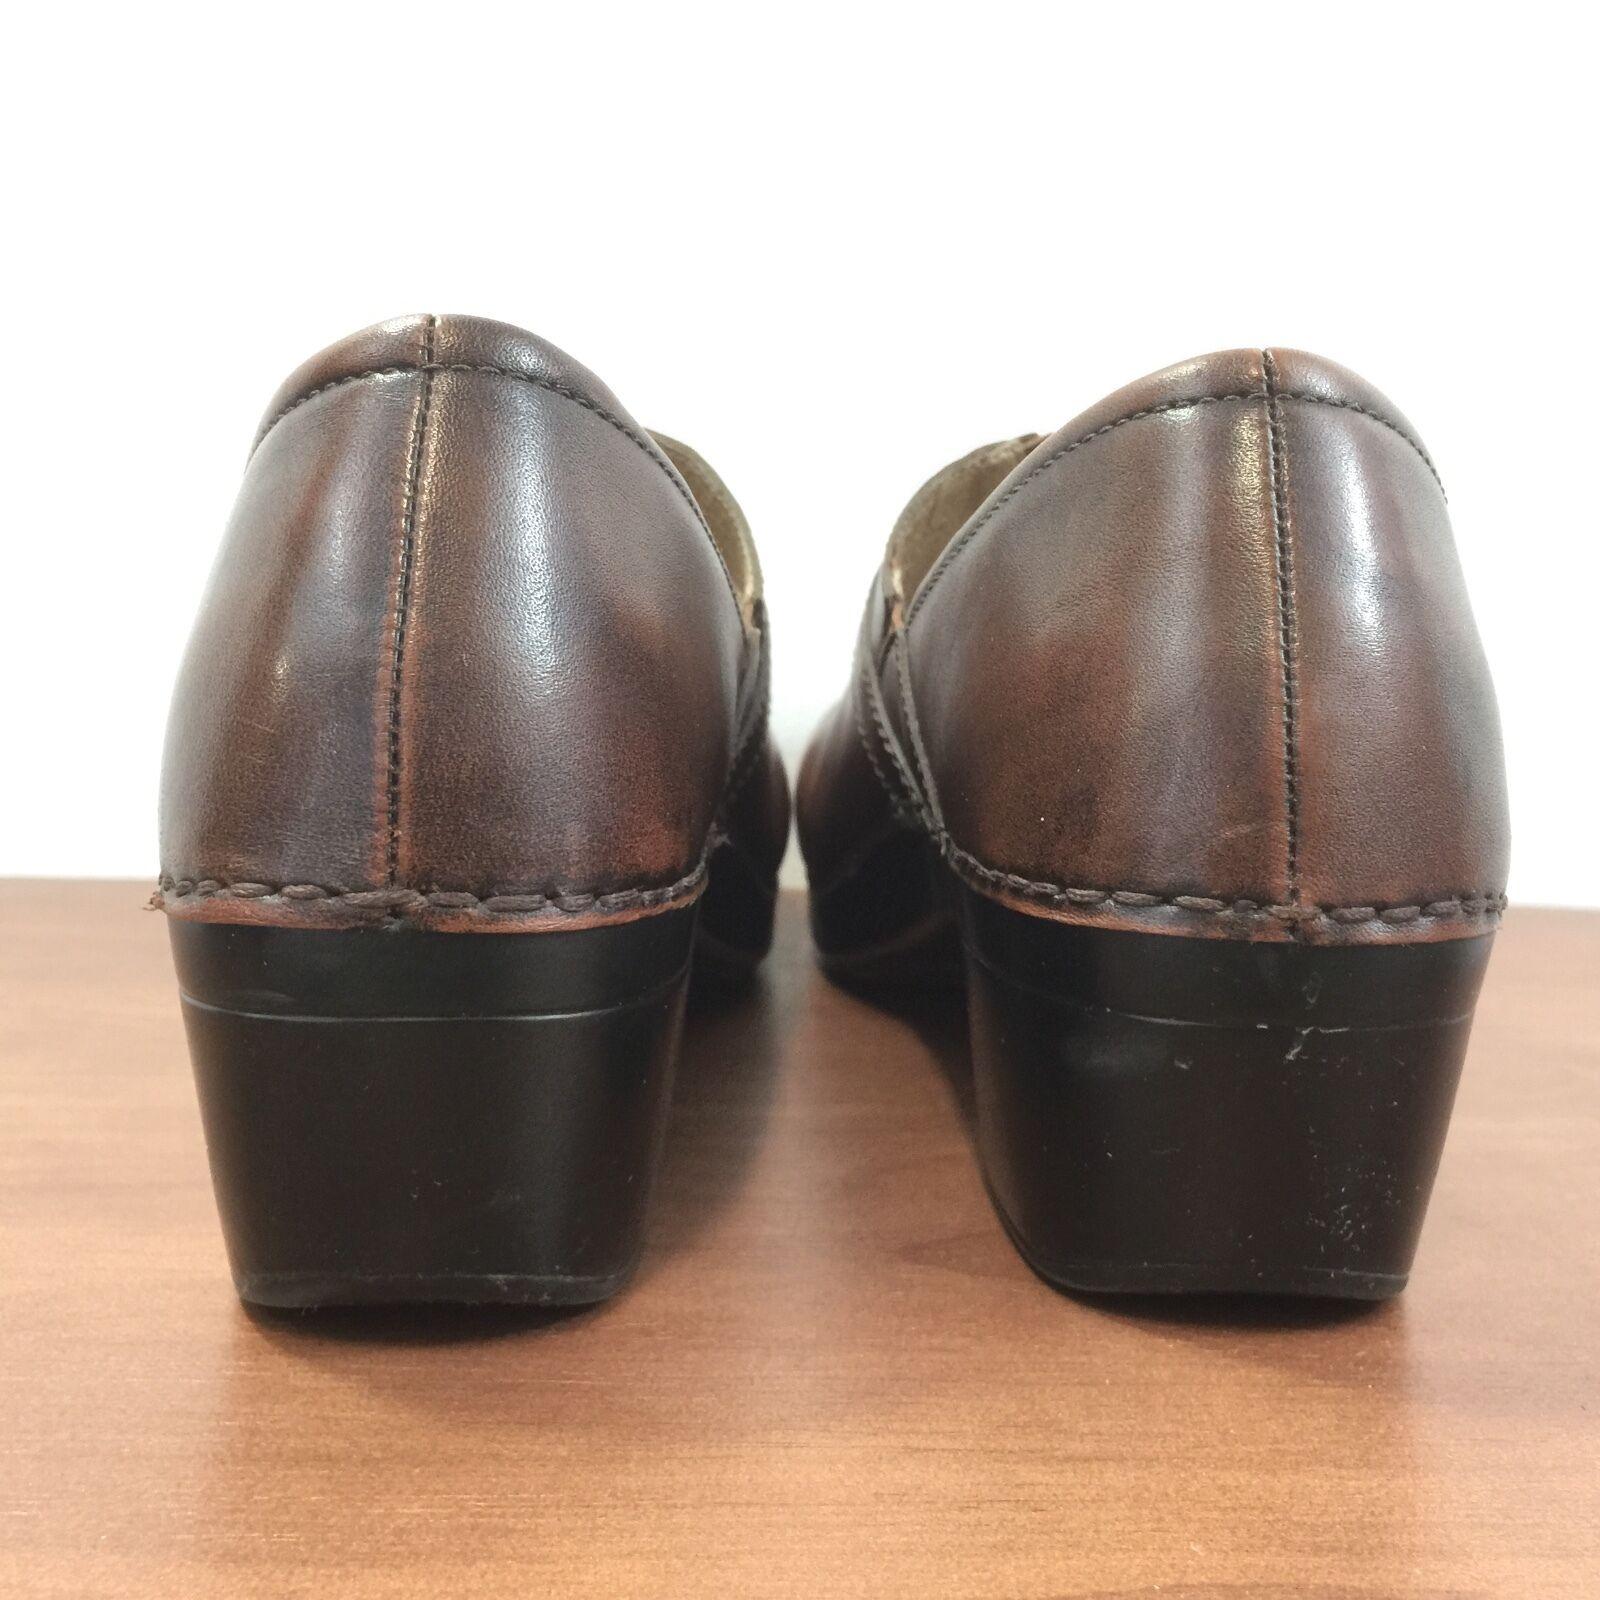 DANSKO Solstice Braun Leder Button Strap Slip on Clog Schuhes Damenschuhe 42 /11.5-12